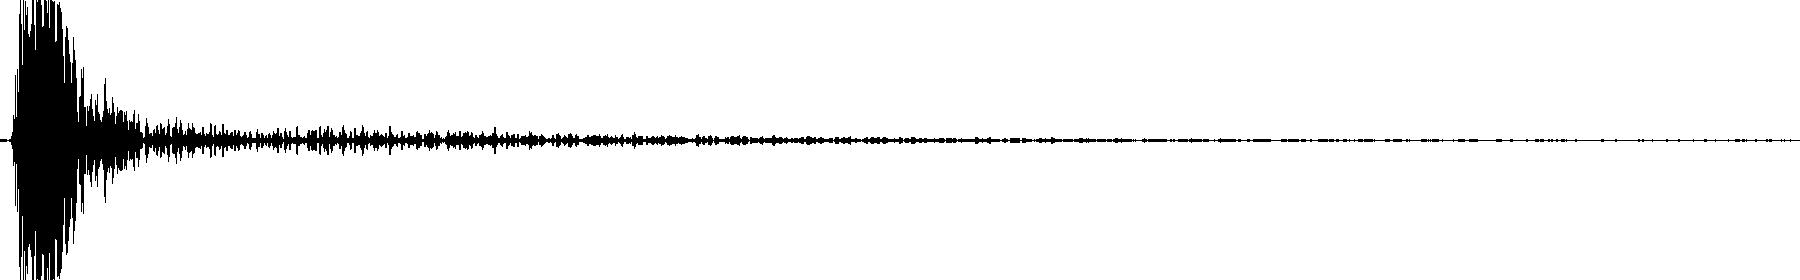 13950 22 wav